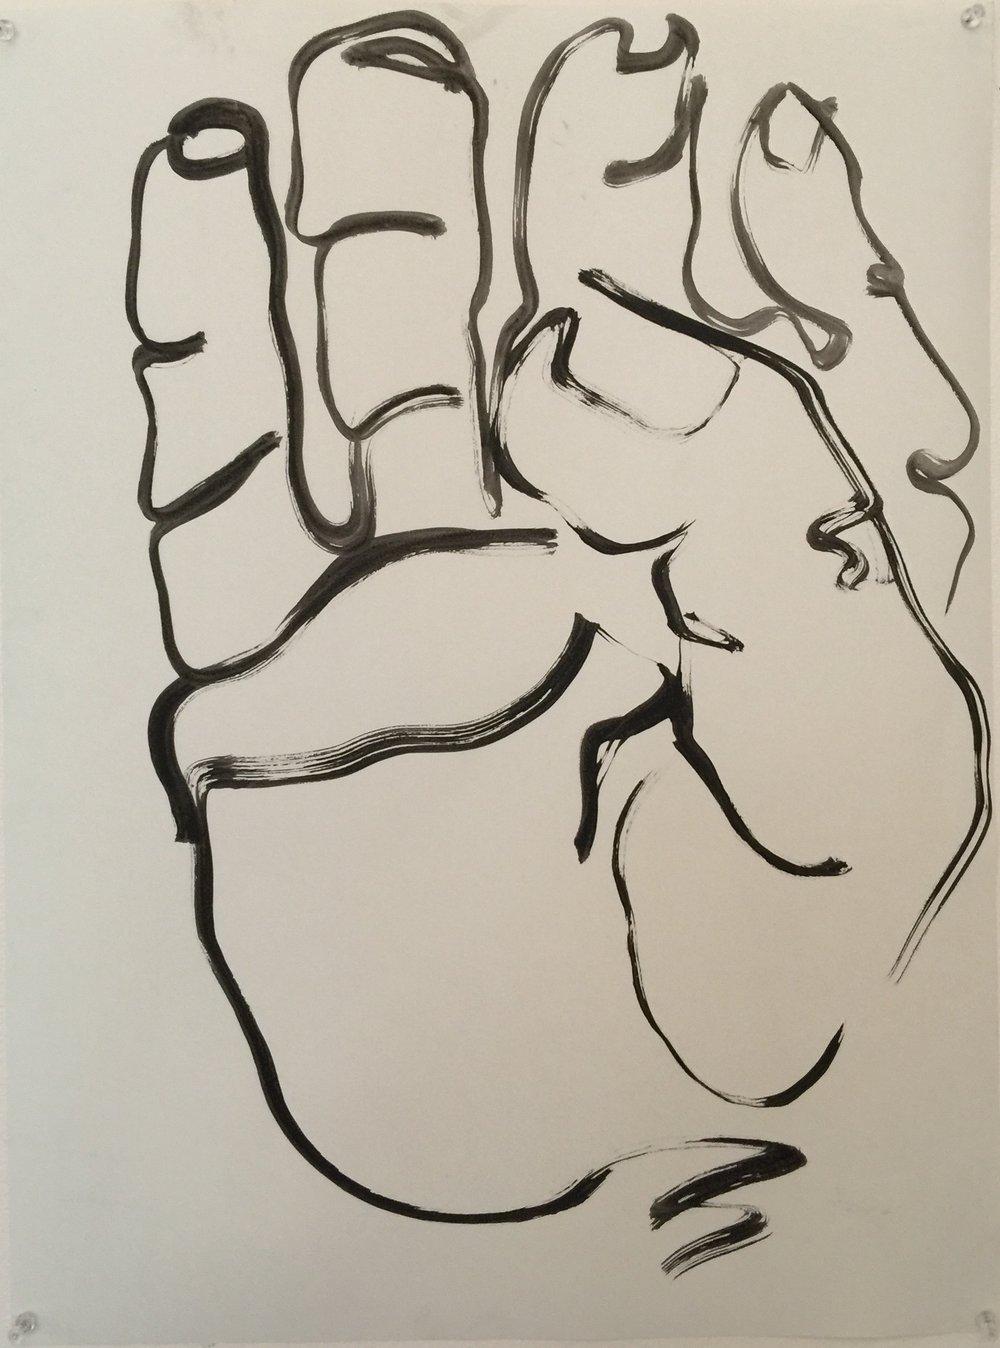 HAND, 2015